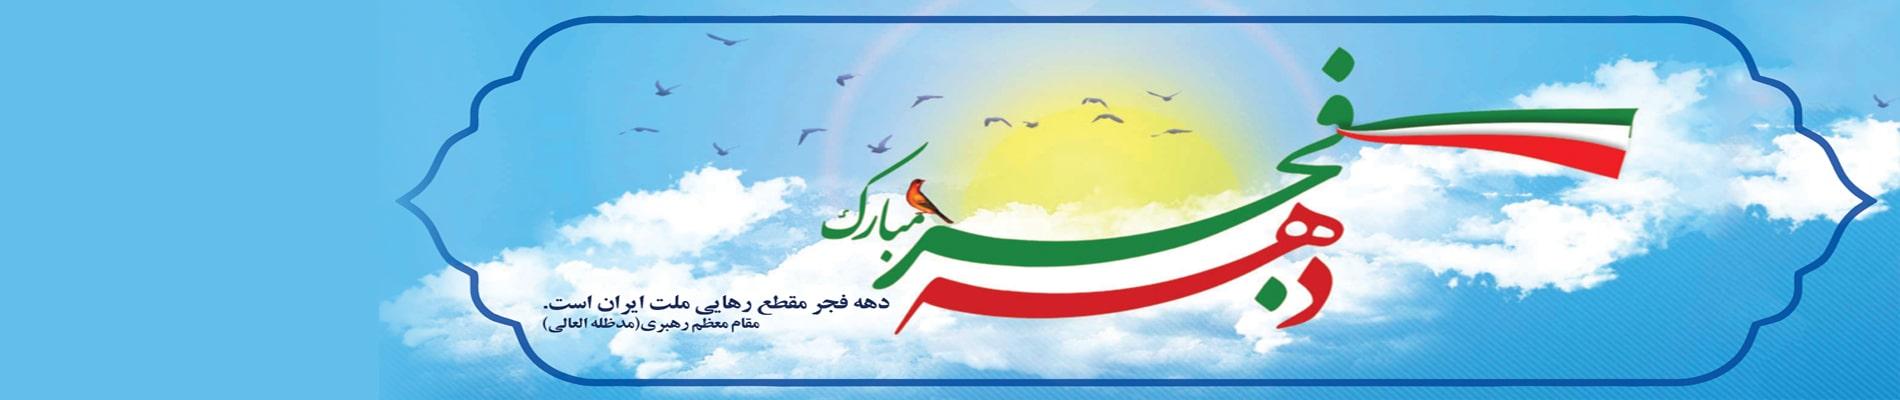 12 بهمن سالروز ورود امام خمینی (س) به میهن و آغاز دهه فجر مبارک باد.